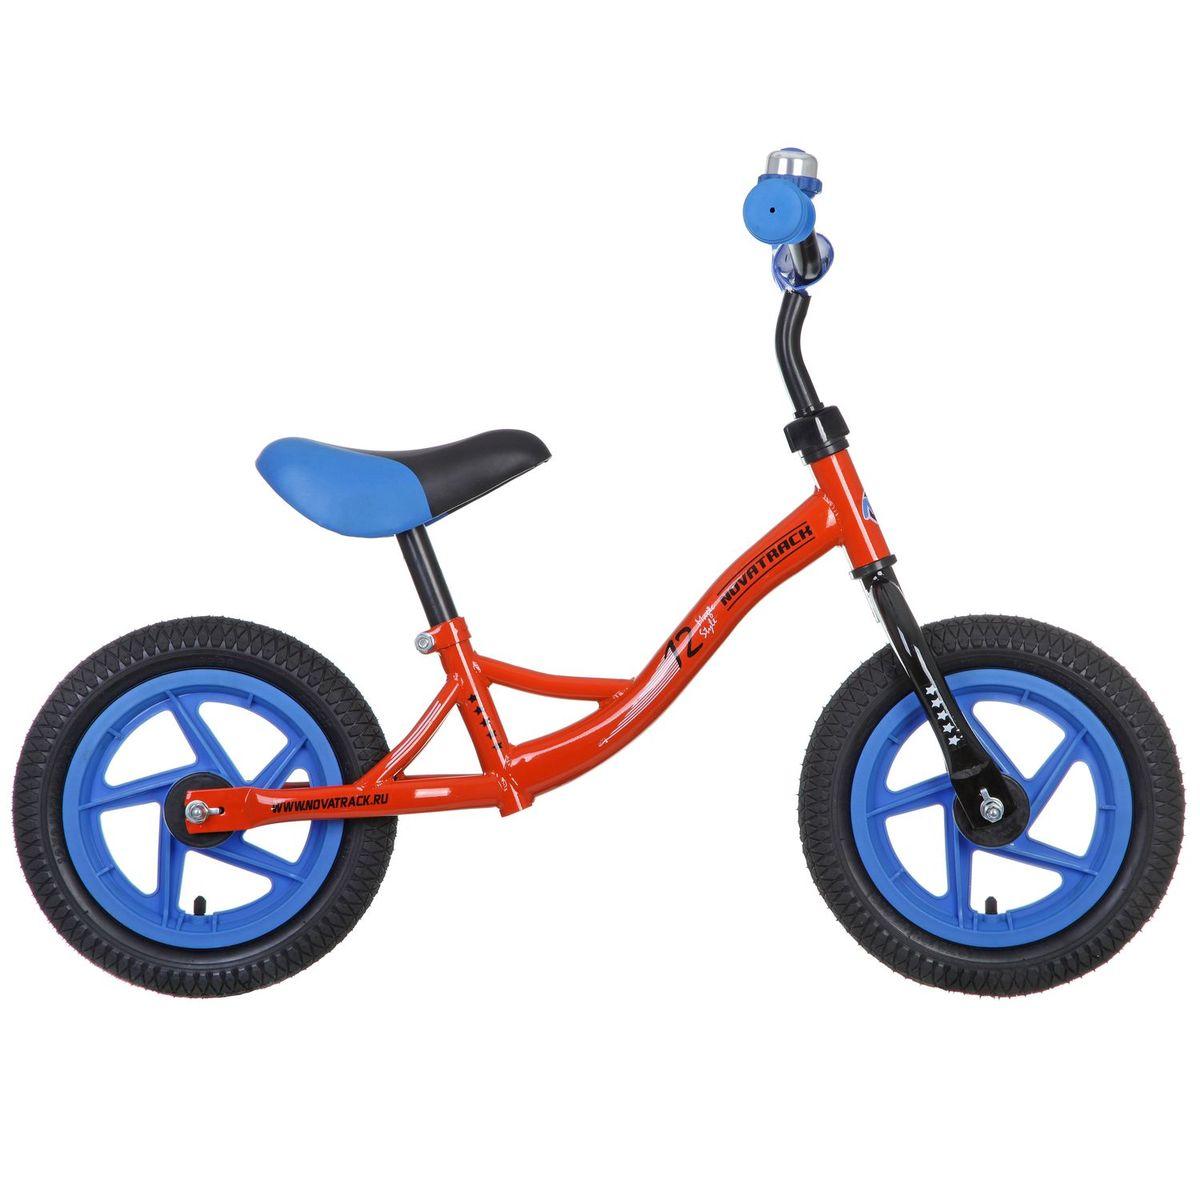 Беговел Novatrack Magic 12, цвет: оранжевый12MAGIC.OR6Беговел Novatrack Magic - это легкий и маневренный беговел, созданный специально для малышей. Эргономичное седло позволит ребенку комфортно разместиться на беговеле и легко отталкиваться ножками от земли. На беговел Novatrack Magic установлены колёса с шинами из пенорезины не боящиеся проколов и очень легкие. Для того, чтобы ребенок смог более уверенно чувствовать себя управляя беговелом, на руль установлены мягкие грипсы в форме грибочка, обеспечивающие удобный и надежный хват. Беговел Novatrack Magic выполнен из технологичного и легкого стального сплава и предназначен для детей от 1,5 до 4,5 лет. Высота сиденья и руля регулируется по высоте, гарантируя службу беговела как минимум на несколько сезонов. Хотите подарить своему чаду множество счастливых часов, проведенных на свежем воздухе? Тогда обратите внимание на беговел Novatrack Magic, который подойдёт как для самых маленьких ребятишек, не освоивших азы равновесия, и так же будет интересен более опытным и активным наездникам....